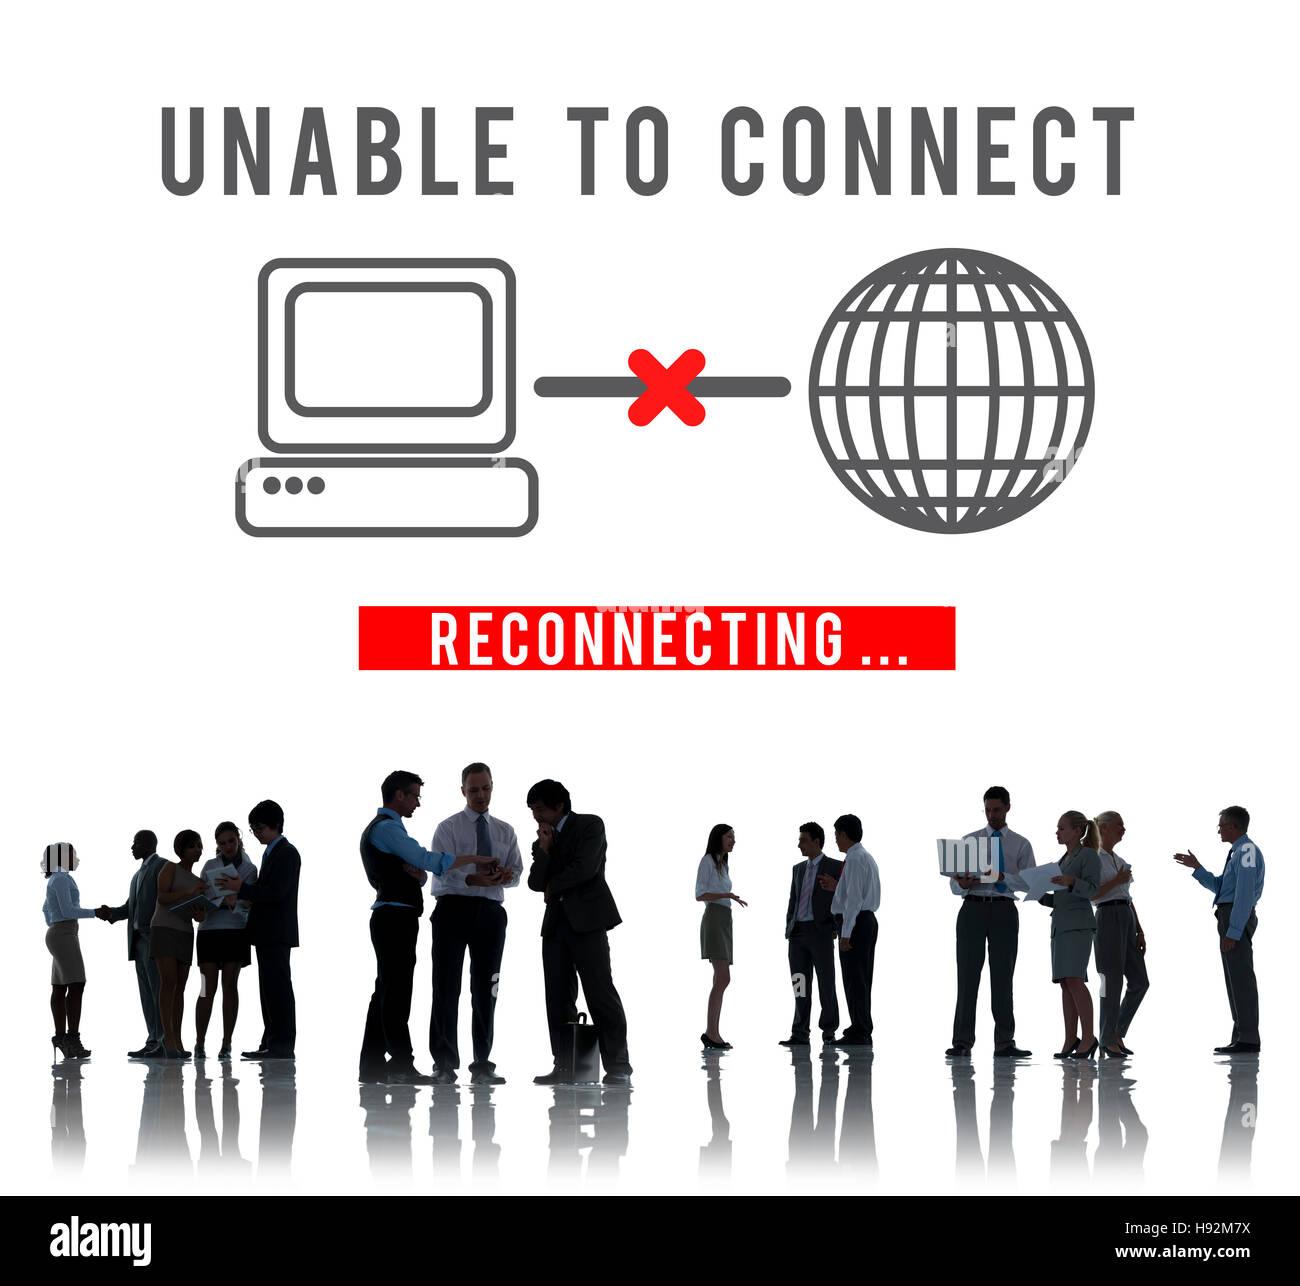 Unable Connect Disconnect Error Failure Problem Concept - Stock Image